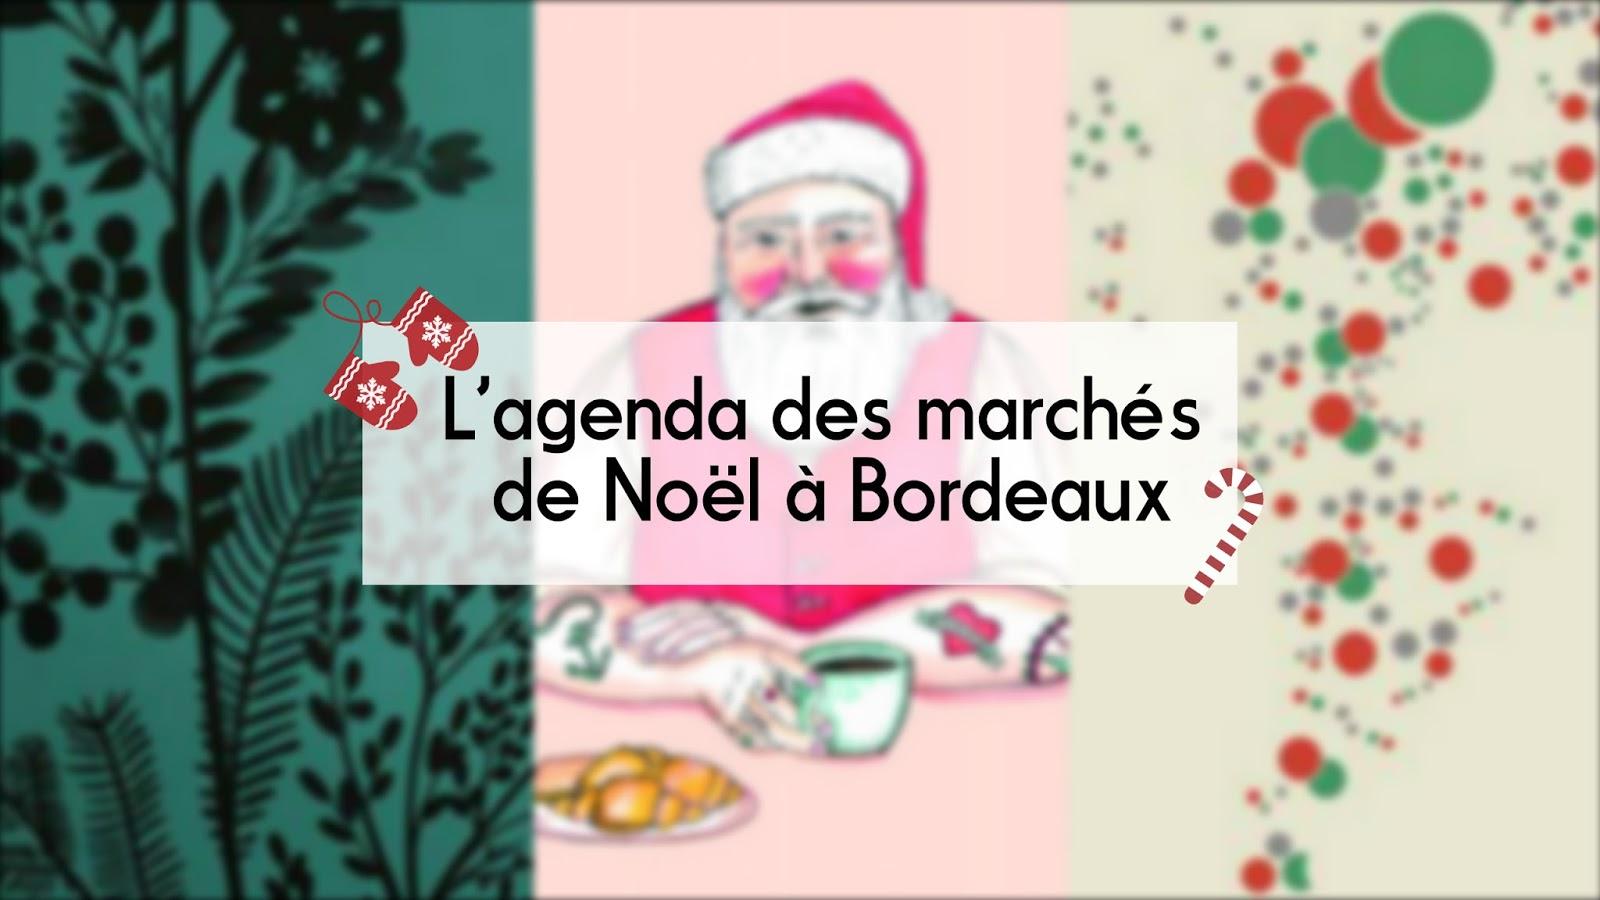 marché de noel 2018 darwin bordeaux Les marchés de Noël à Bordeaux   Camille In Bordeaux marché de noel 2018 darwin bordeaux